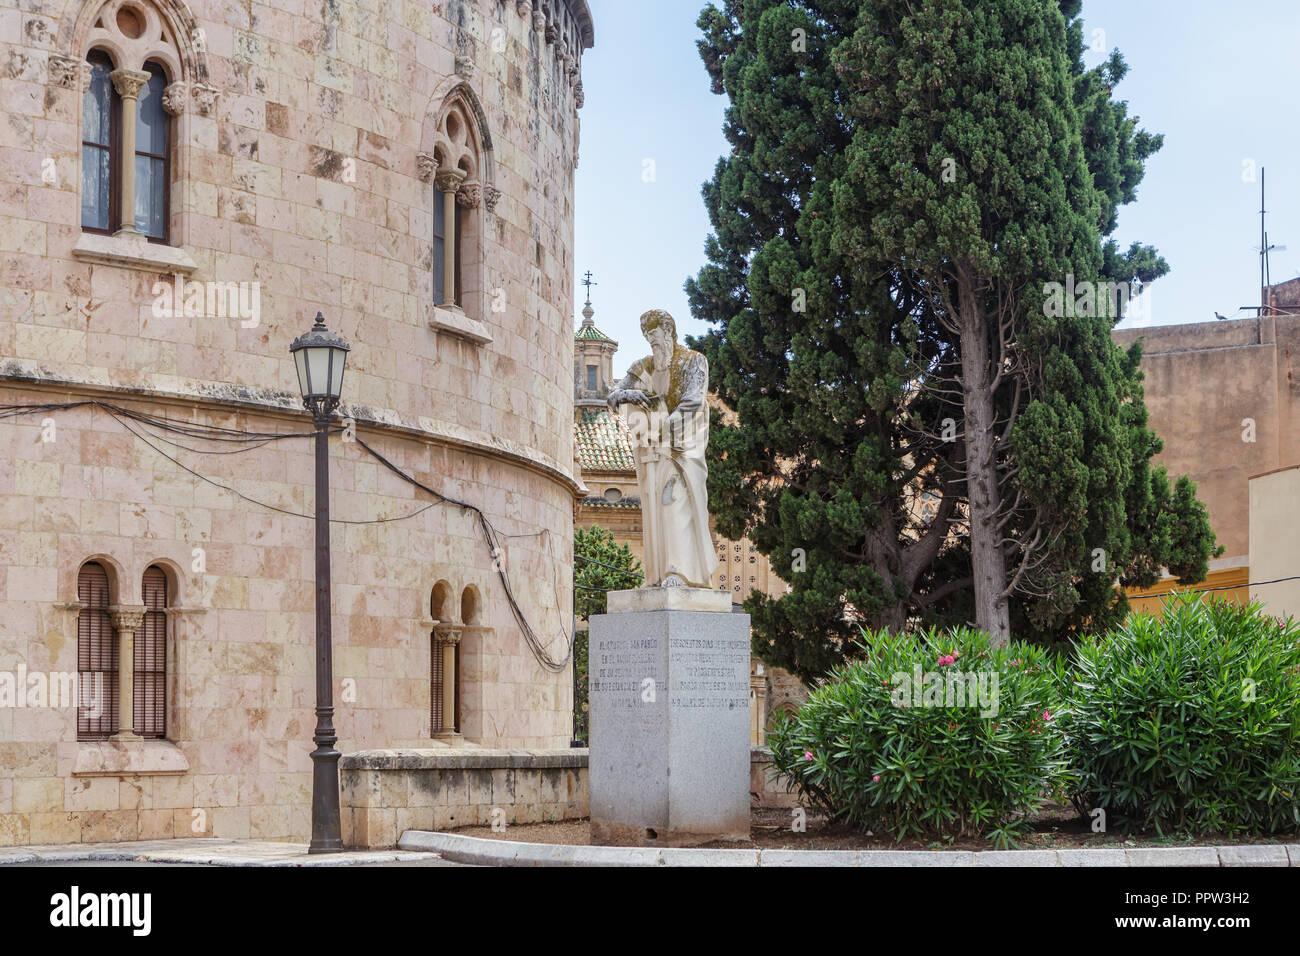 Catalunya discriminada por Madrid - Página 2 Monumento-al-apostol-san-pablo-en-tarragona-espana-ppw3h2